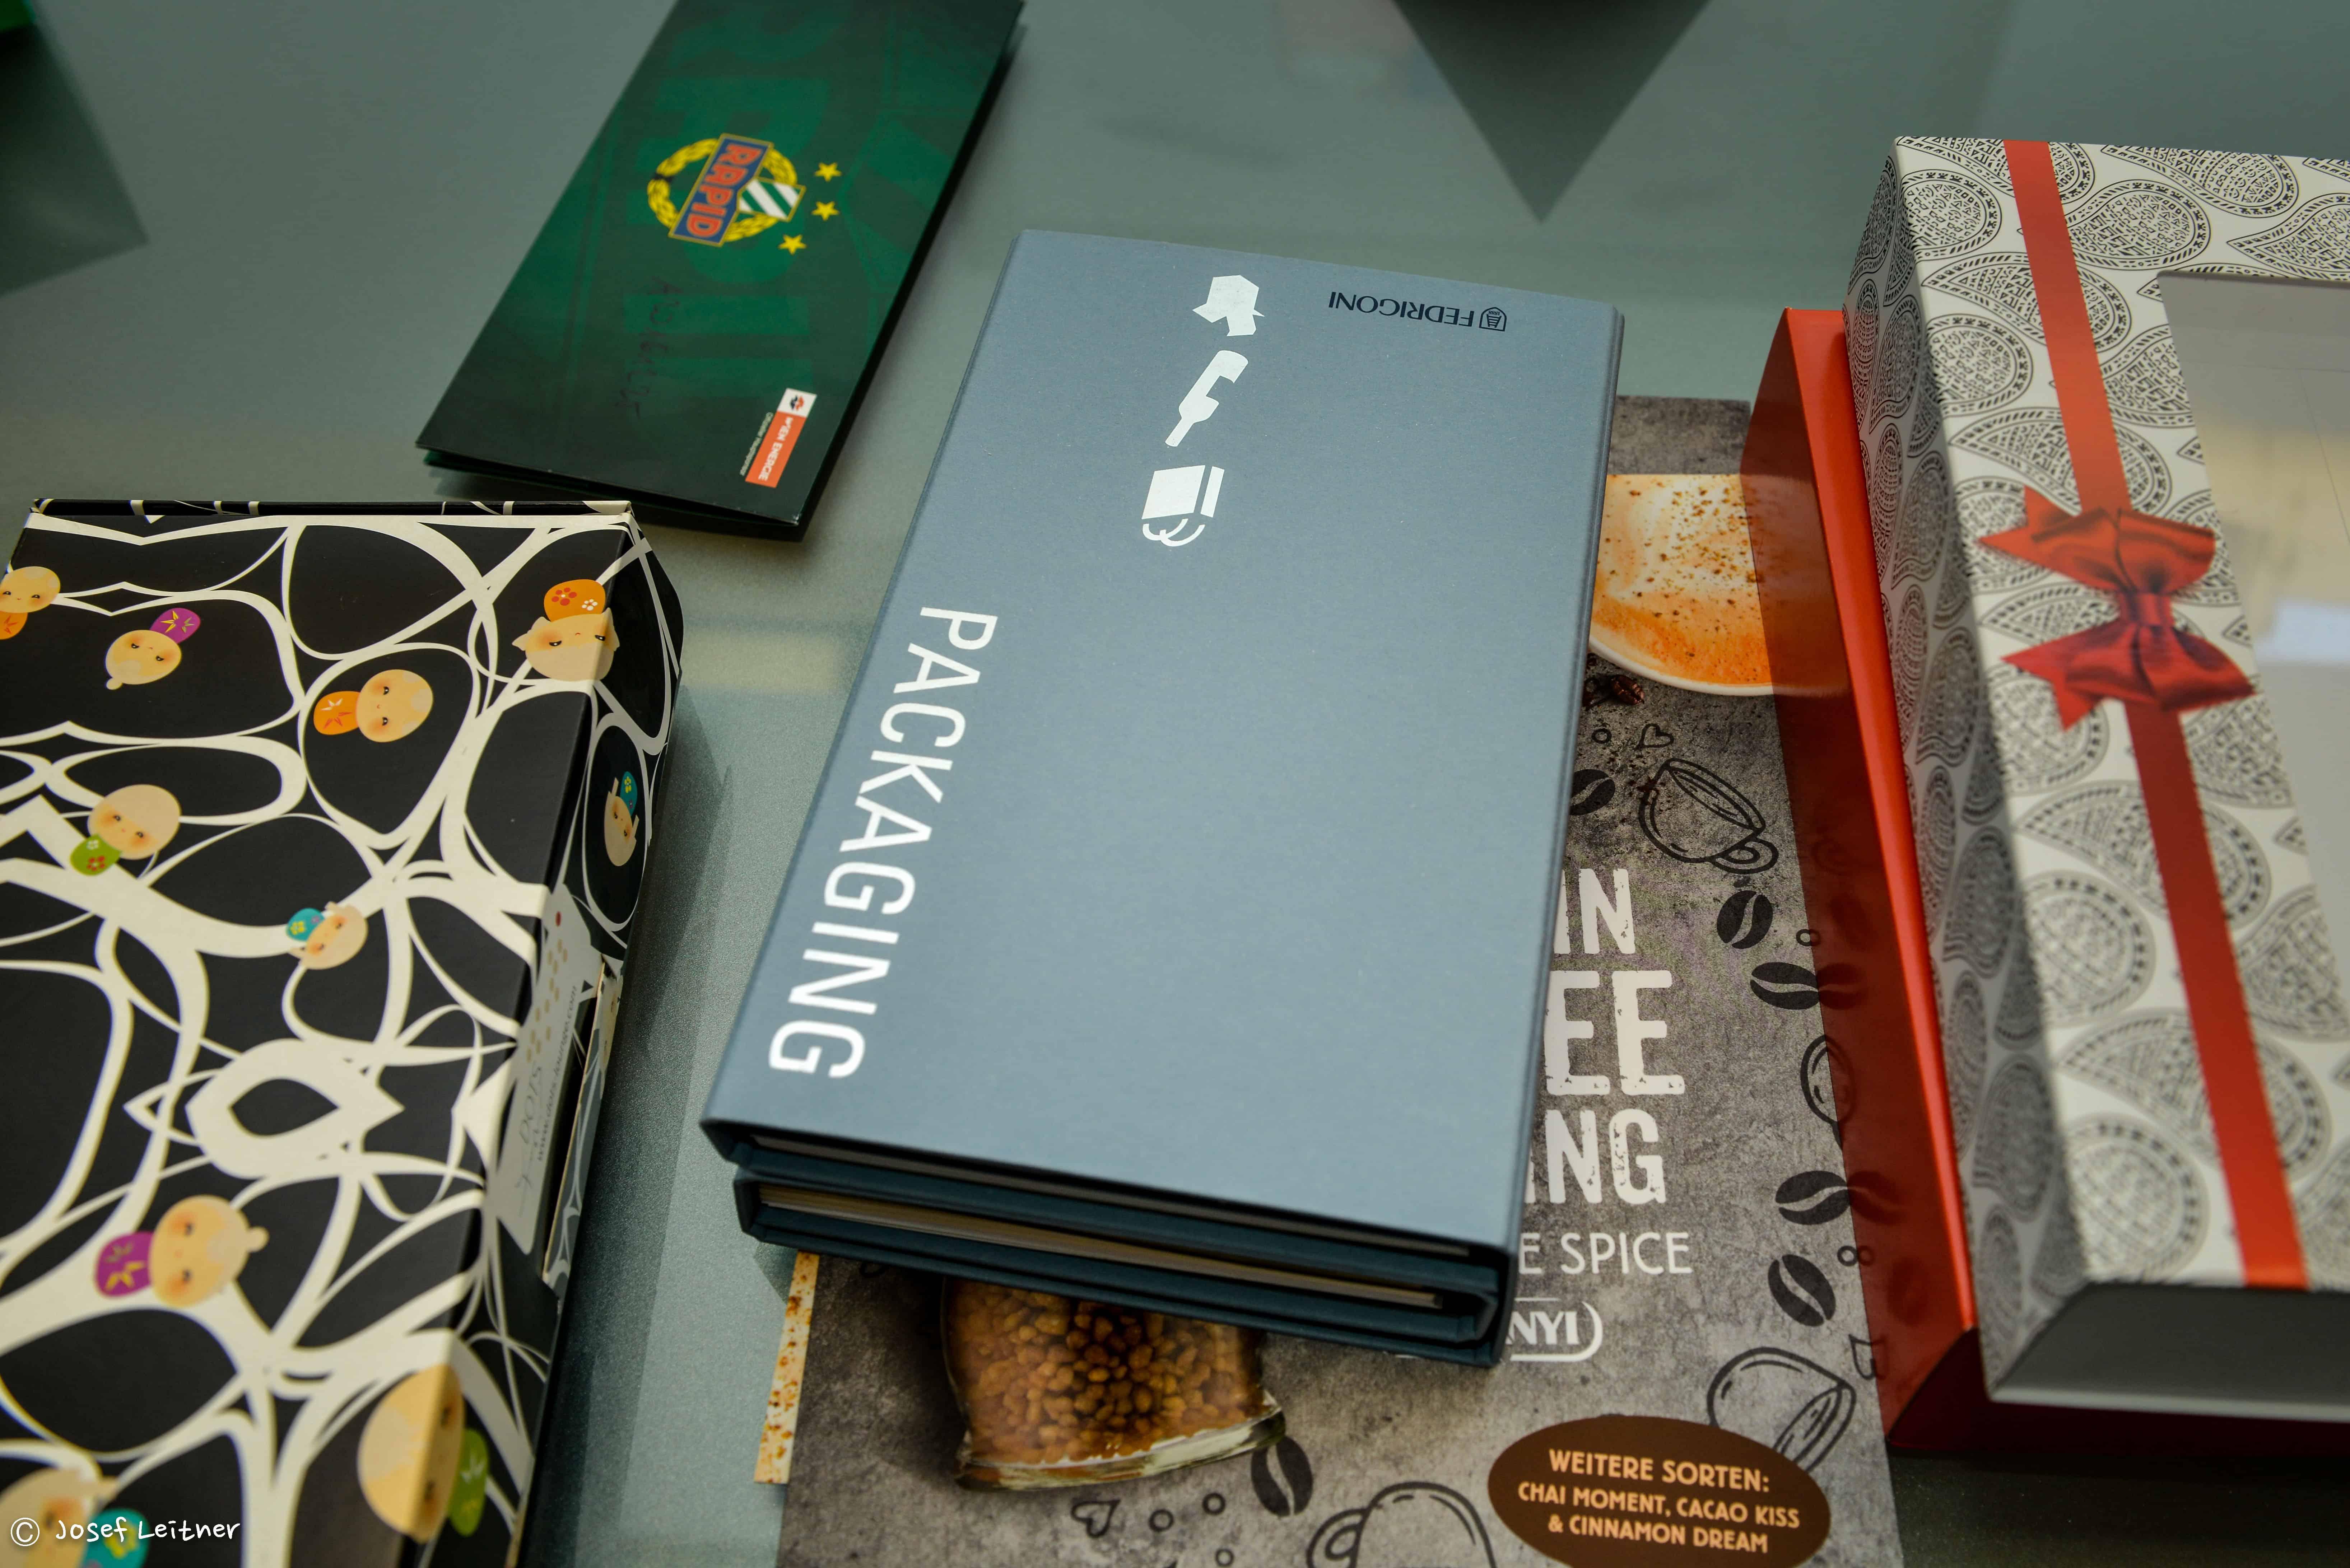 Verpackungsentwicklung und Verpackungsdesign als Kombination von Design, Grafik, Konstruktion und Druck